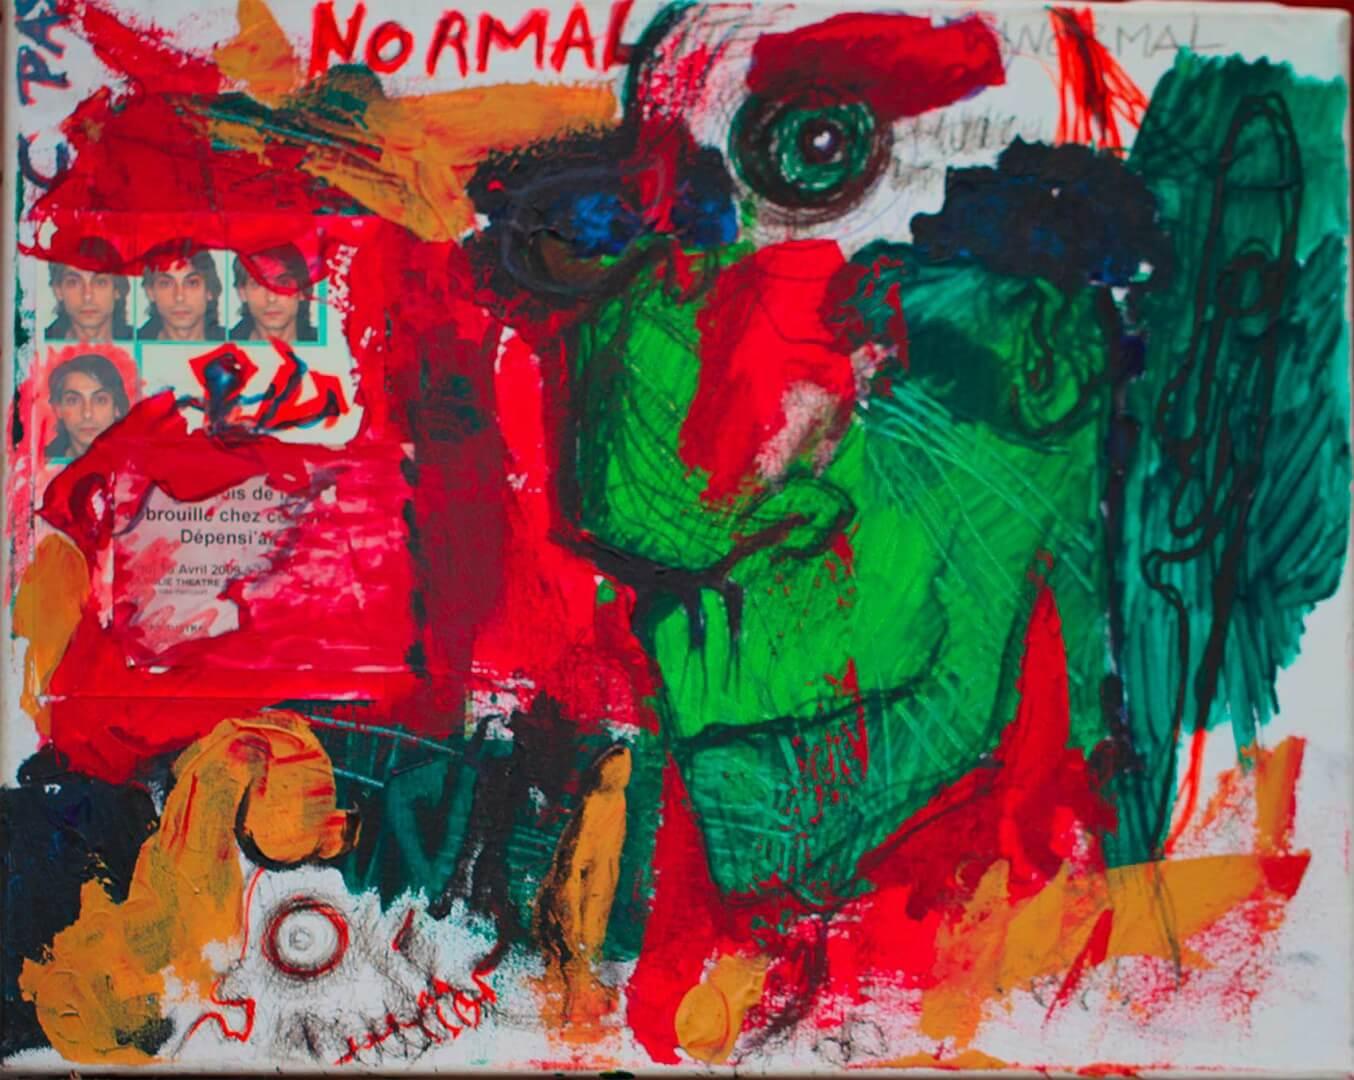 C'est pas normal © David Noir | Dessins, peintures, collages